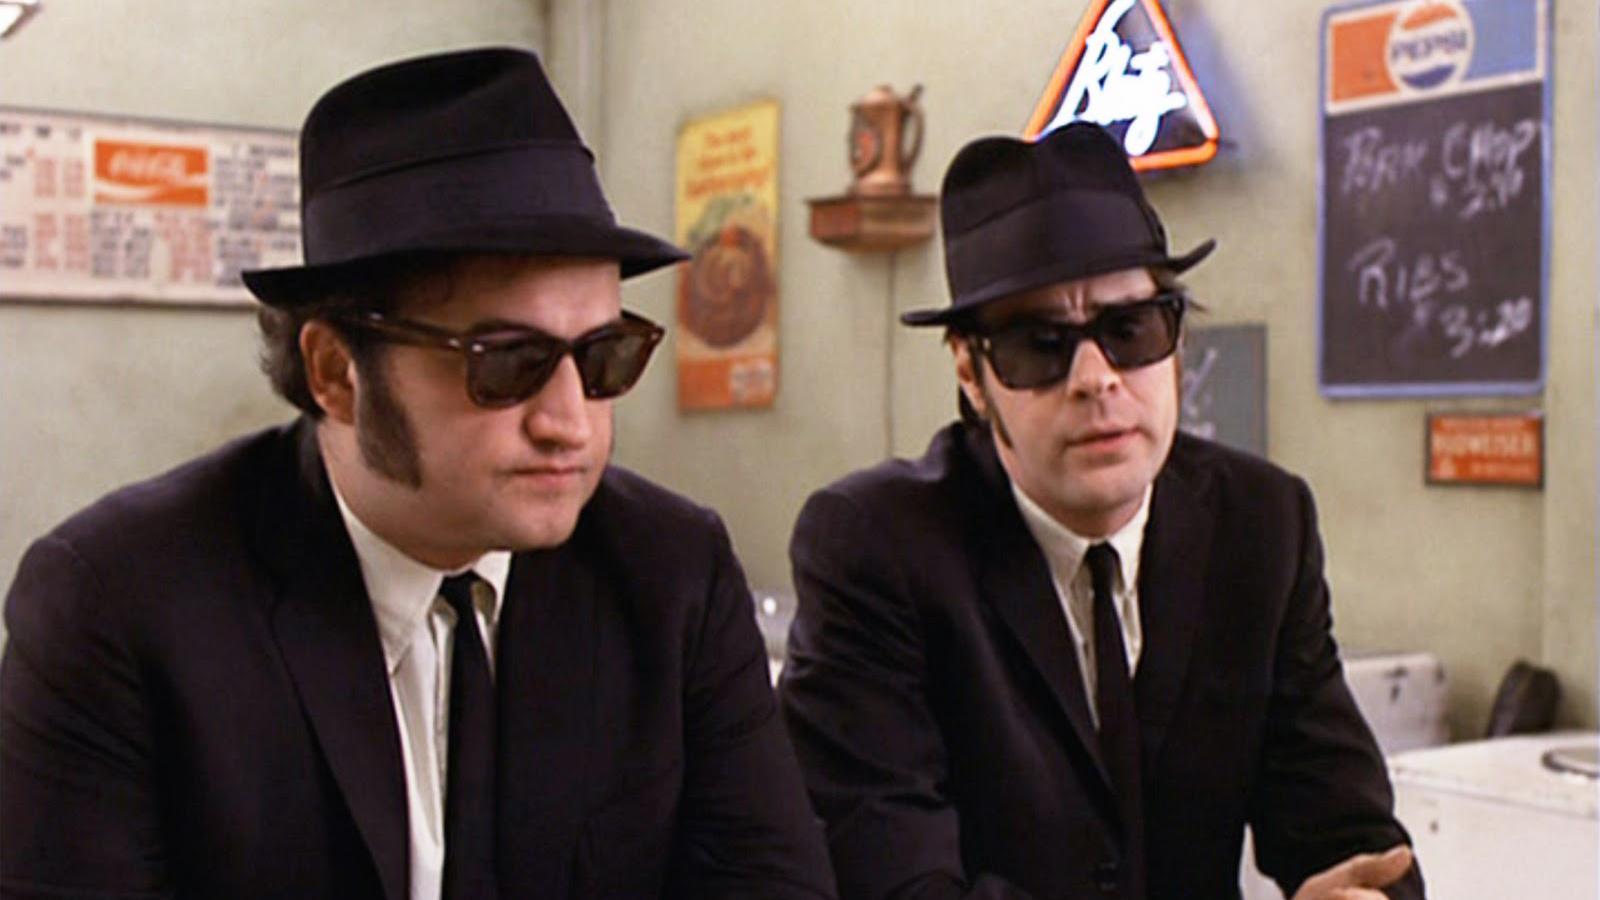 Anécdotas Imprecisas del Rock: The Blues Brothers - Radio Cantilo